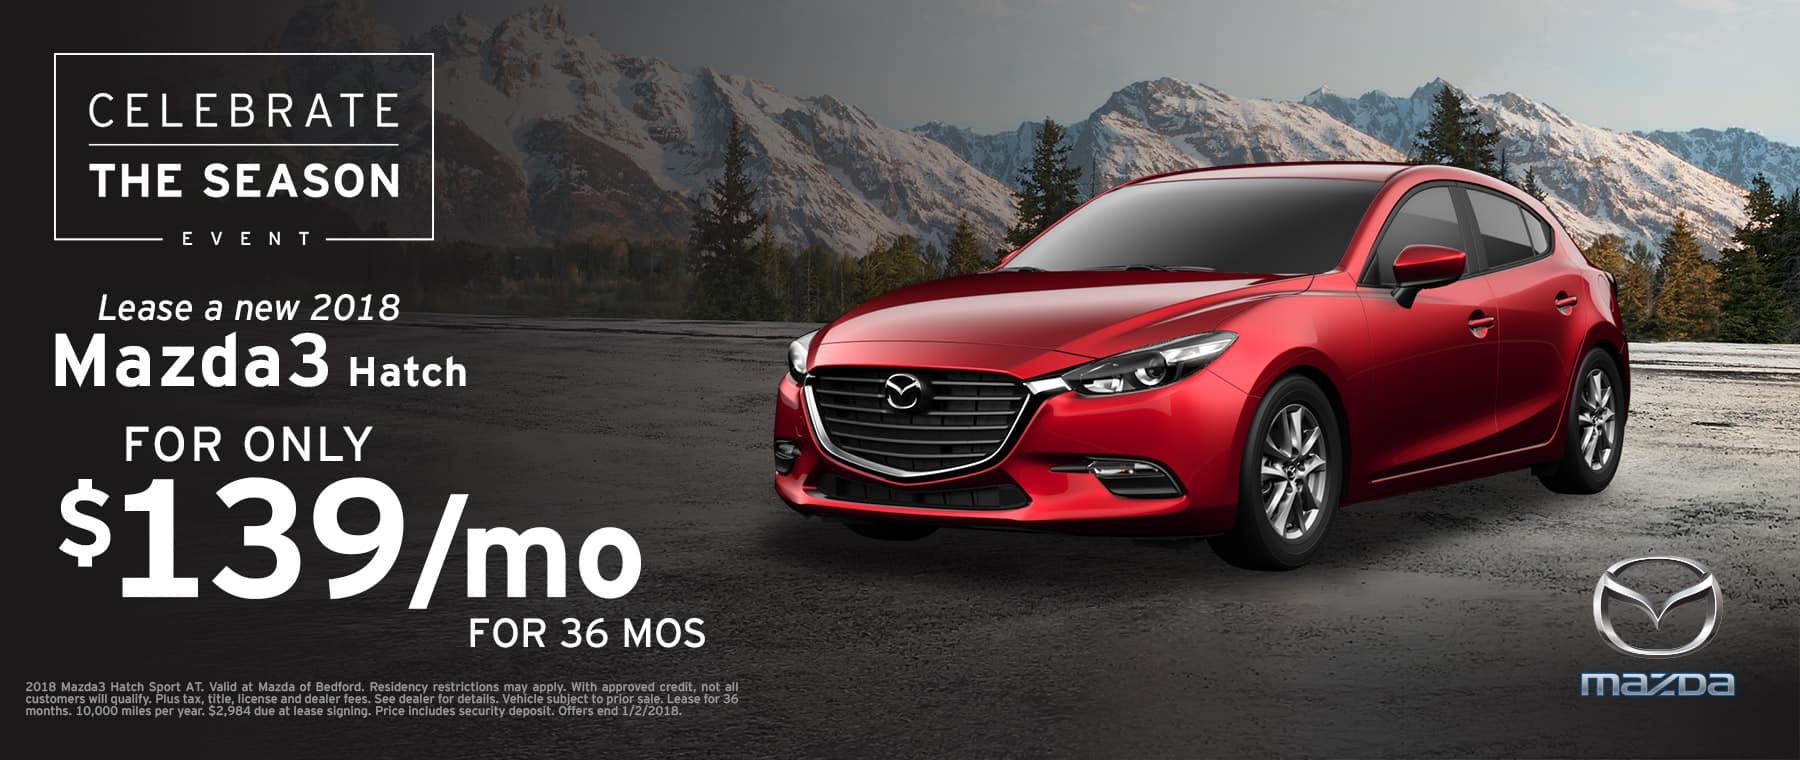 2018 Mazda3 Hatchback Lease Offer